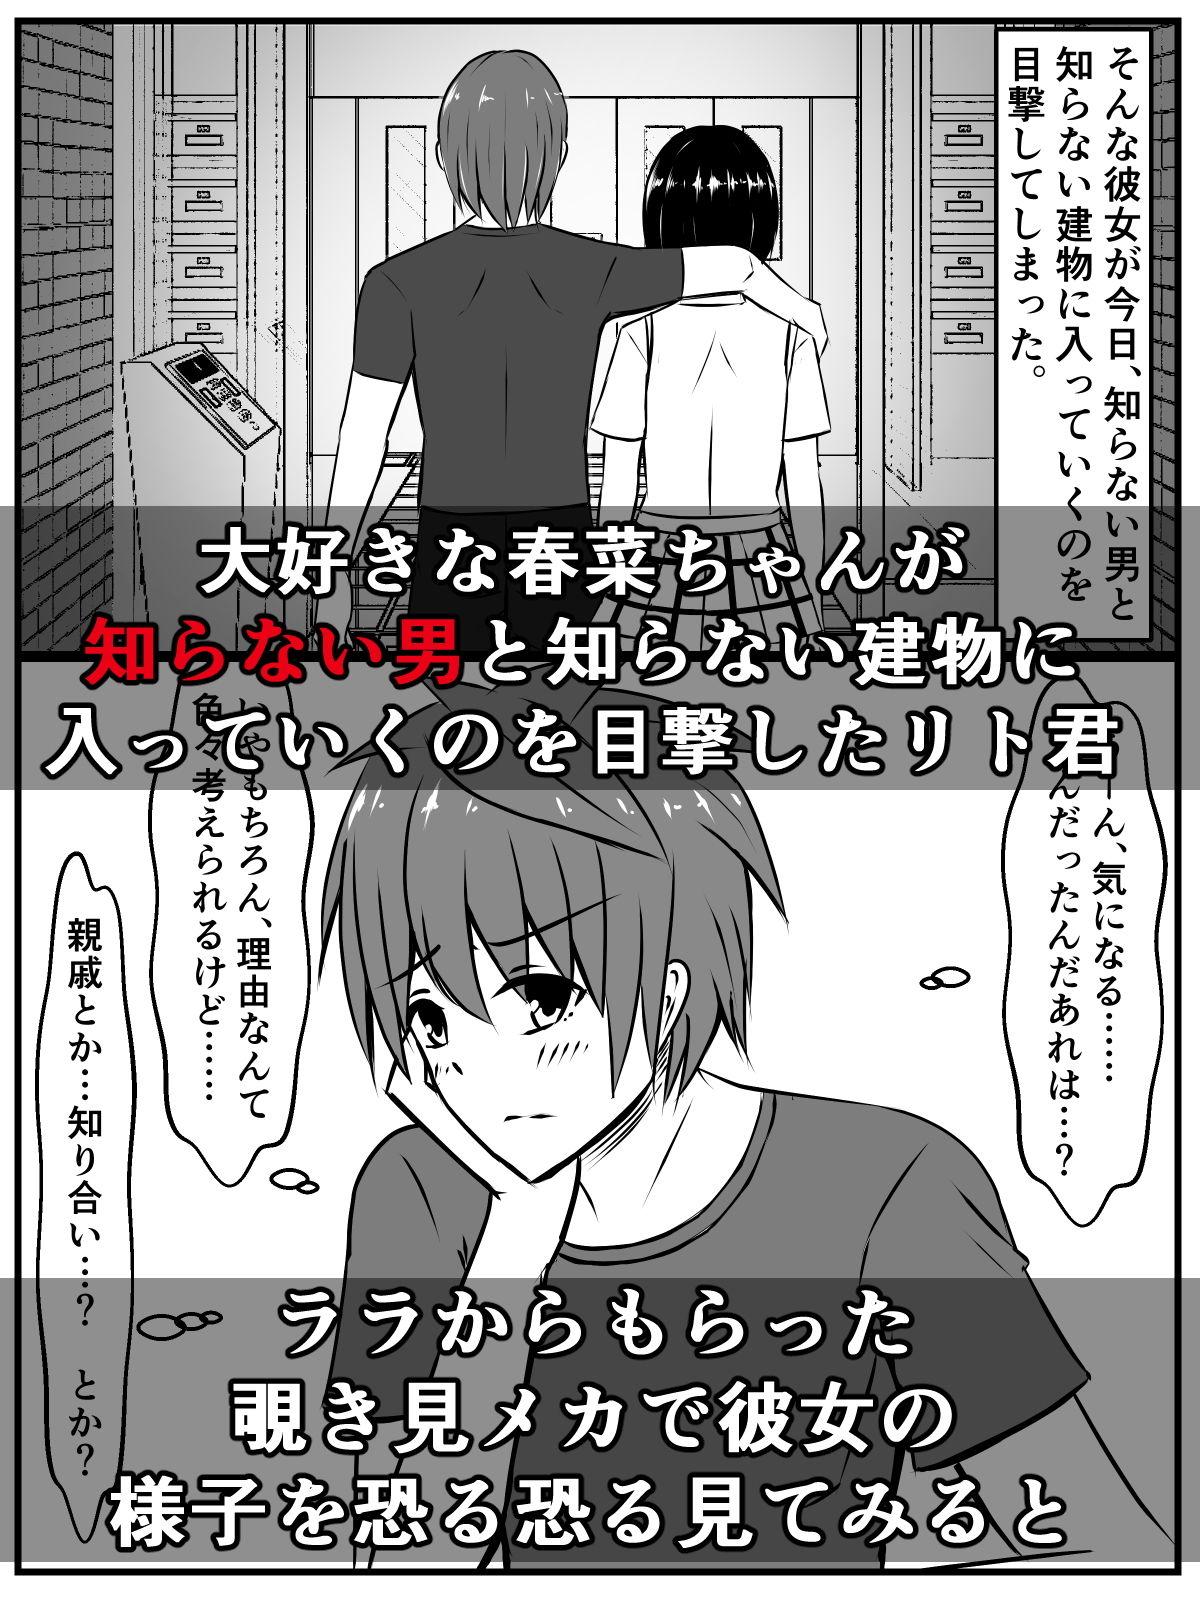 サンプル画像0:春菜ちゃんが知らない男に突かれて、こんな下品な声を上げるはずない(さざめき通り) [d_188414]